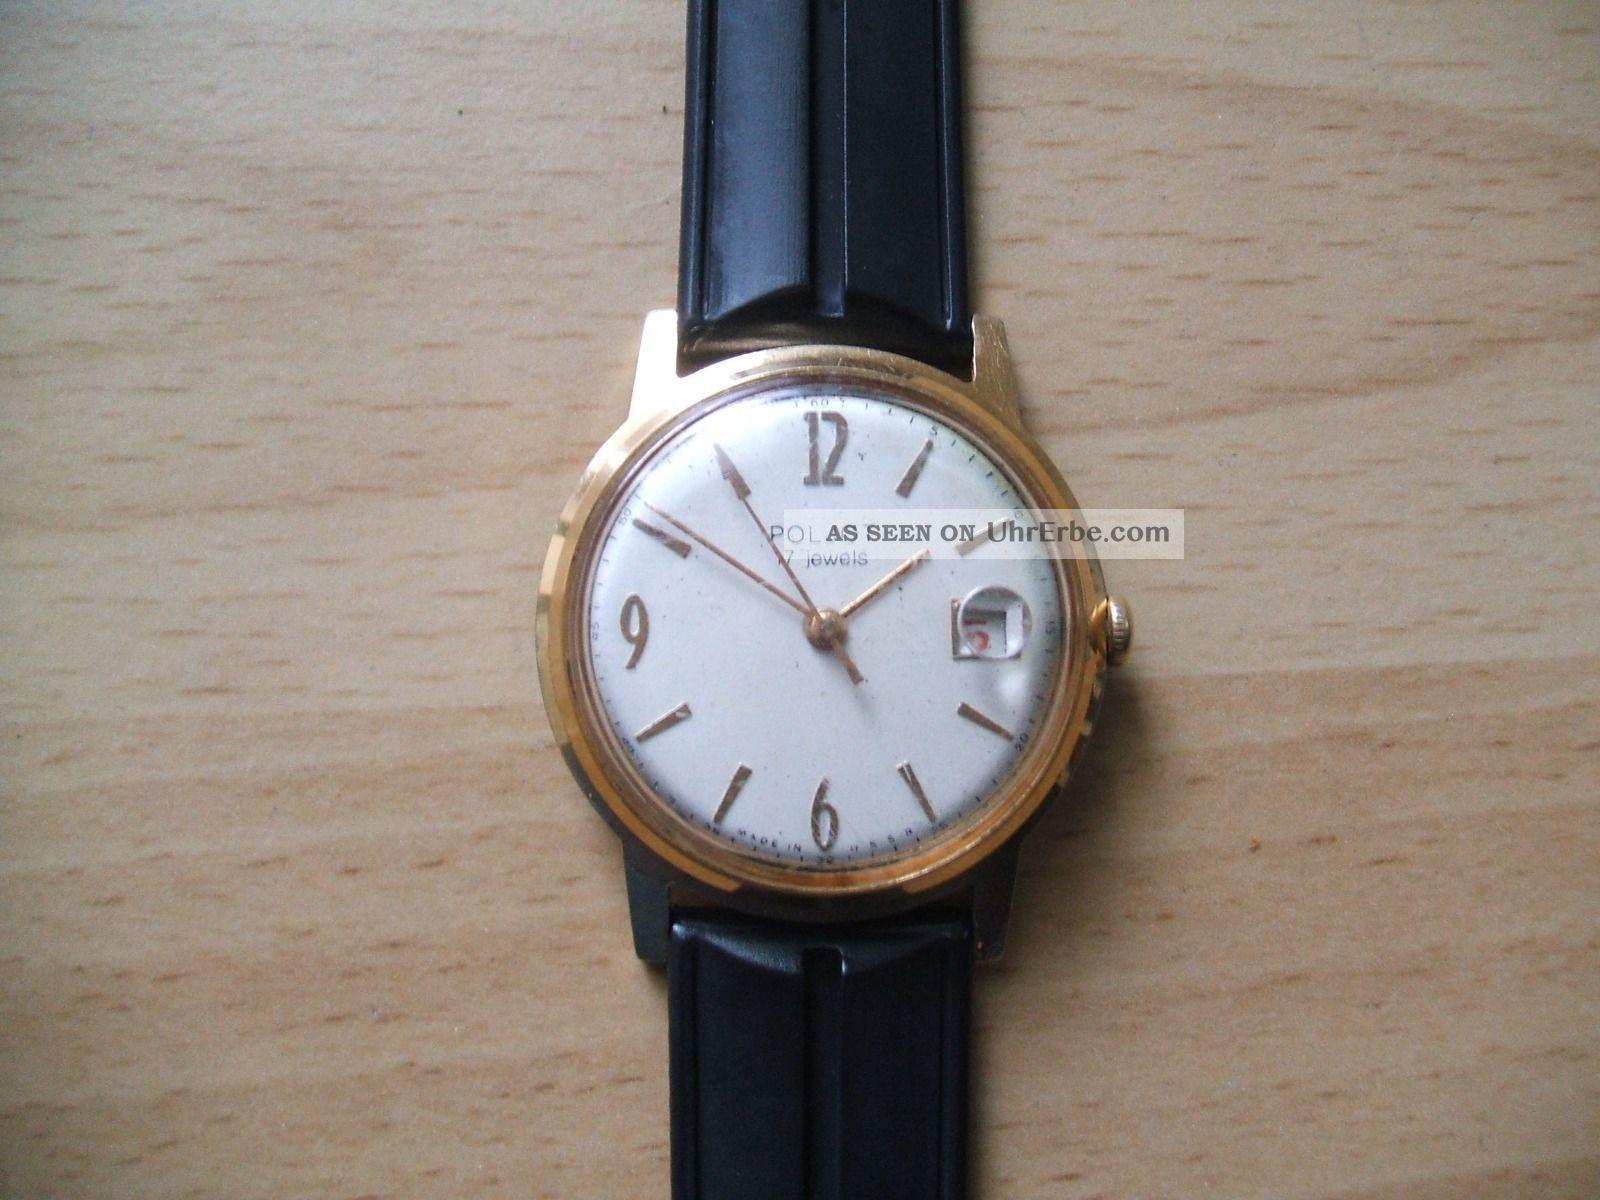 Uhr Sammlung An Bastler Alte Russische Poljot 17jewels Mechanisch Herrenuhr Armbanduhren Bild